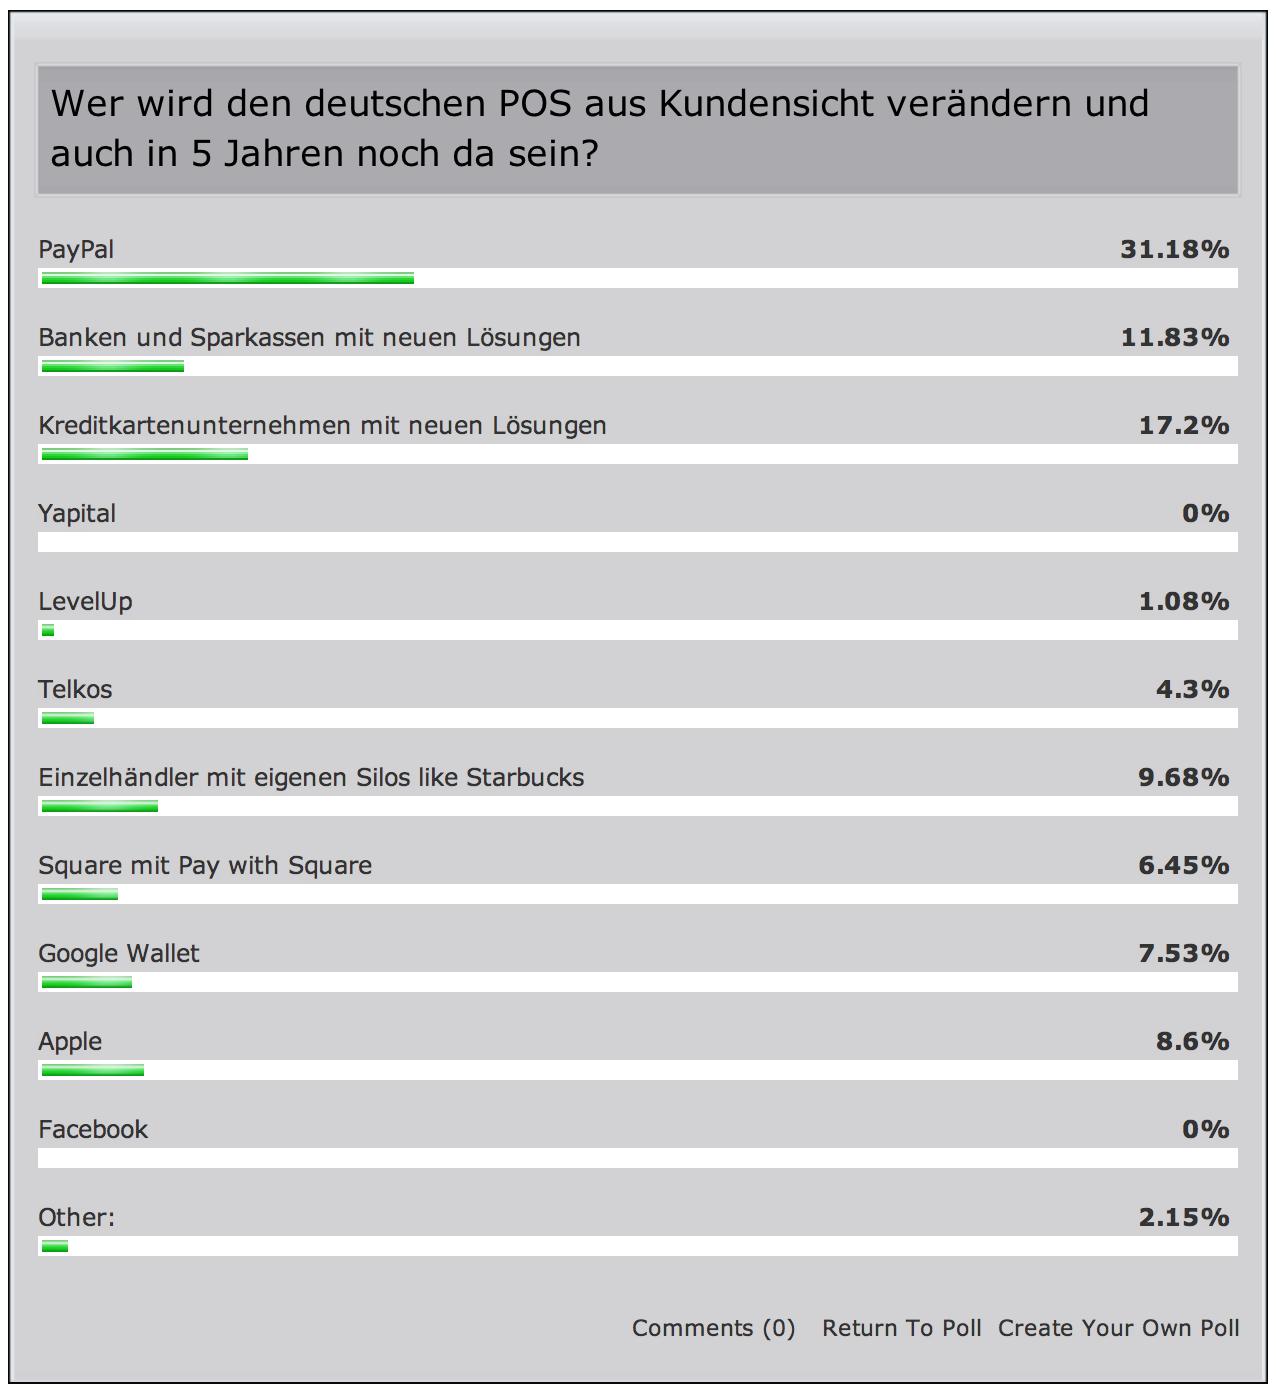 Umfrage zur Zukunft am deutschen POS